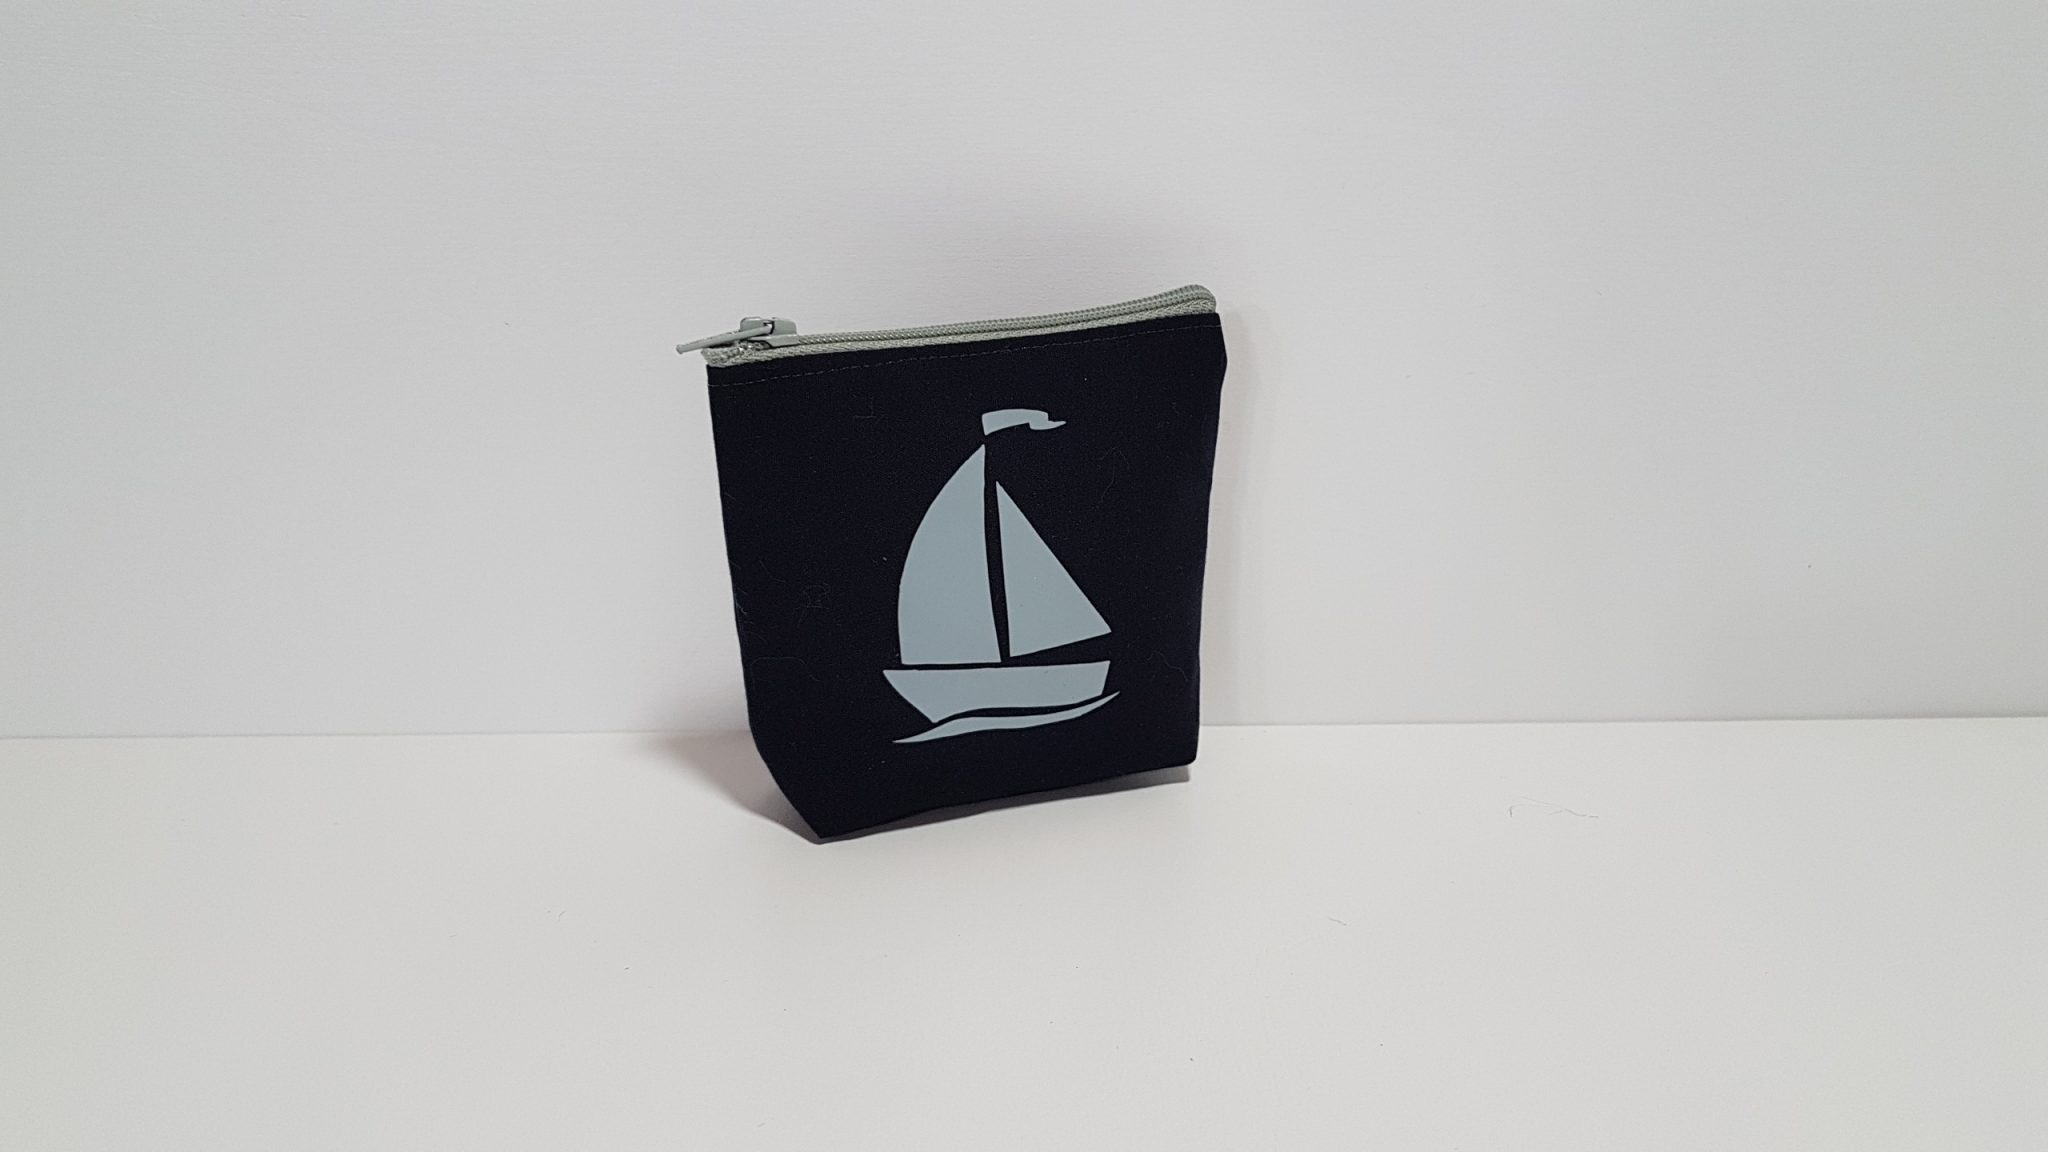 Μπομπονιέρα πορτοφολάκι μπλε με γκρι καράβι.